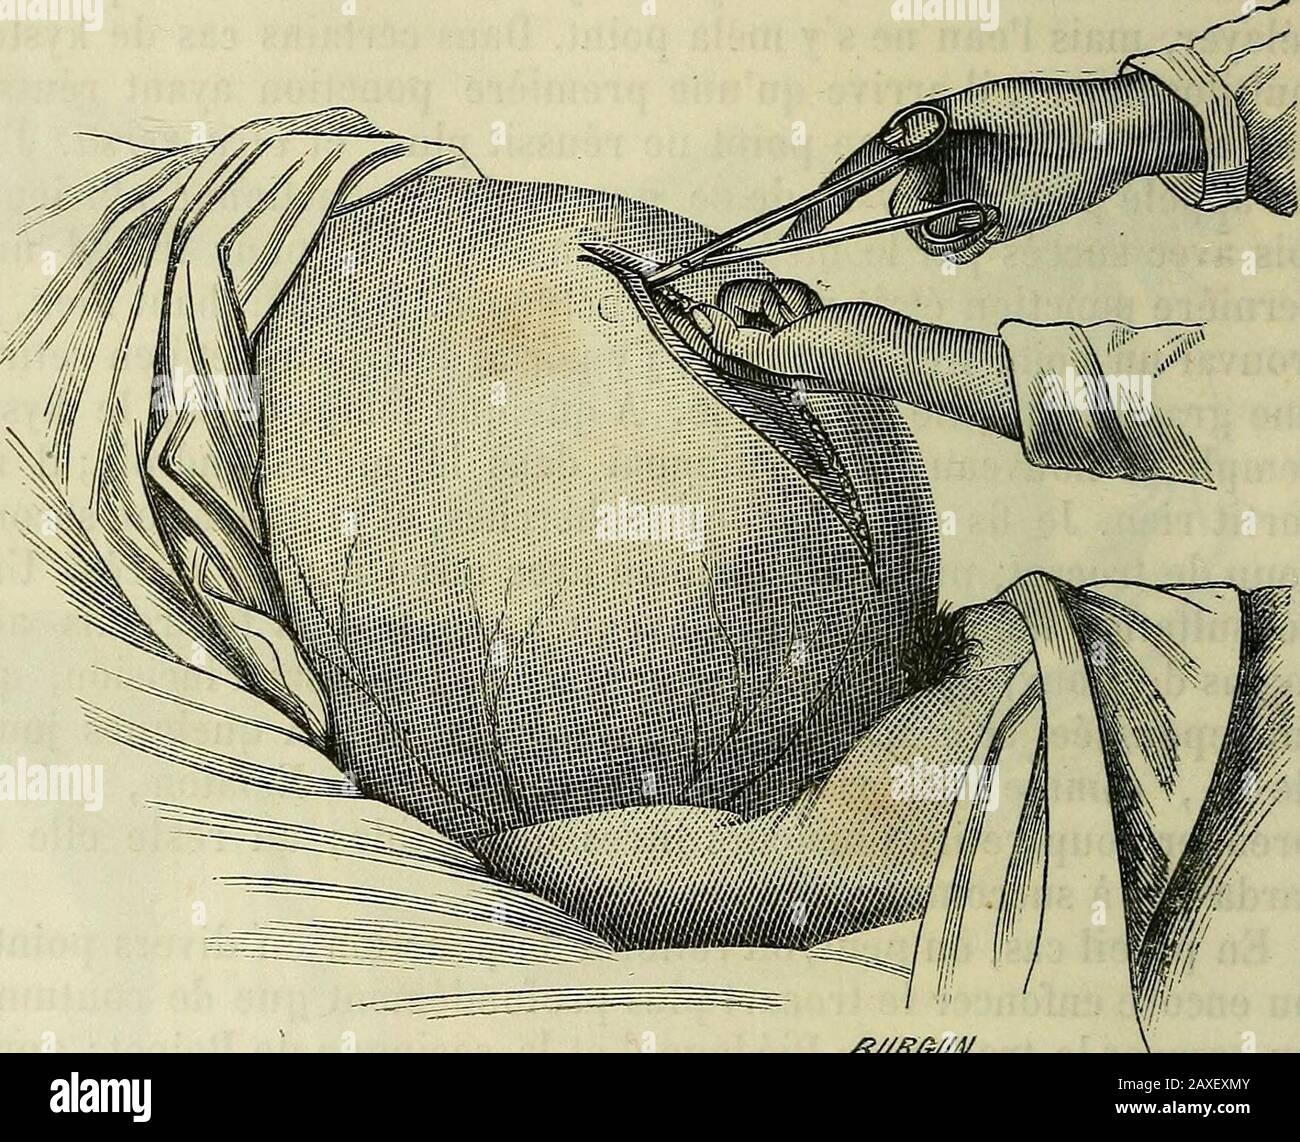 Manuel de médecine opératoire . tant un tra-vail dinflammation adhésive ou substitutive, par les injections;2 oor en faisant suppurer; 3 en enlevant le kyste lui-même. Première métJiode. Injektionen. - Boinet est le Premier quiait tenté la cure des kystes ovariques par les injections iodées; etelles sont restées longtemps adoptées. Le procédé est très-simple.On fait la ponction à lordinaire, on évacue tout le liquide; et parla Canule on injecte immédiatement de 100 à 200 Gramm de 34-2 OPÉRATIONS SPÉCIALES. Teinture diode iodurée mélangée deau dans diversen.Linjection laissée proportions à proportions Stockfoto